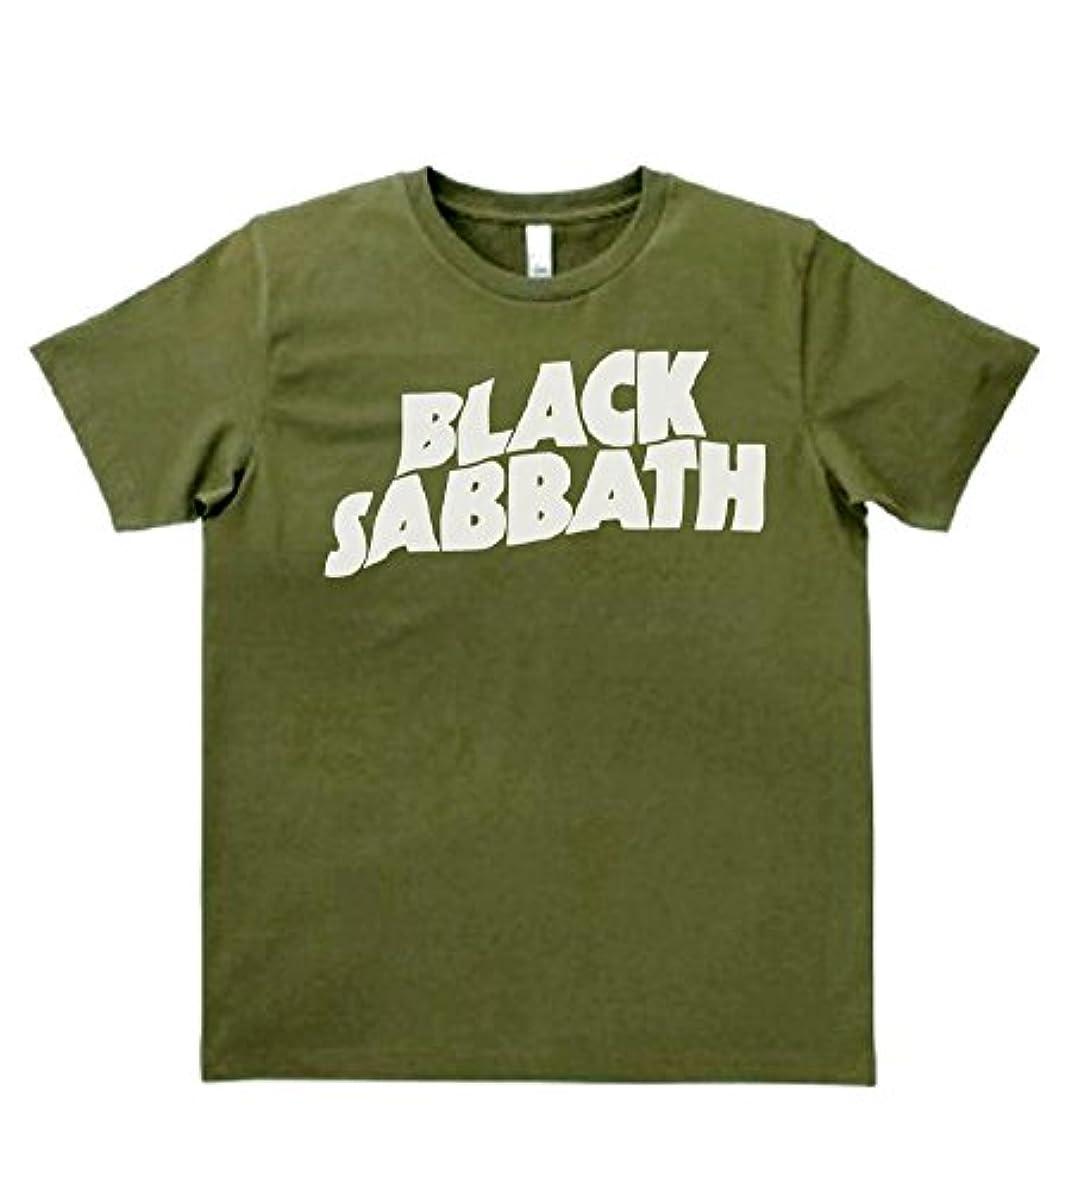 学校タヒチ服を片付ける【ノーブランド品】 音楽 バンド ロック BLACK SABBATH ブラックサバス カーキー MLサイズ